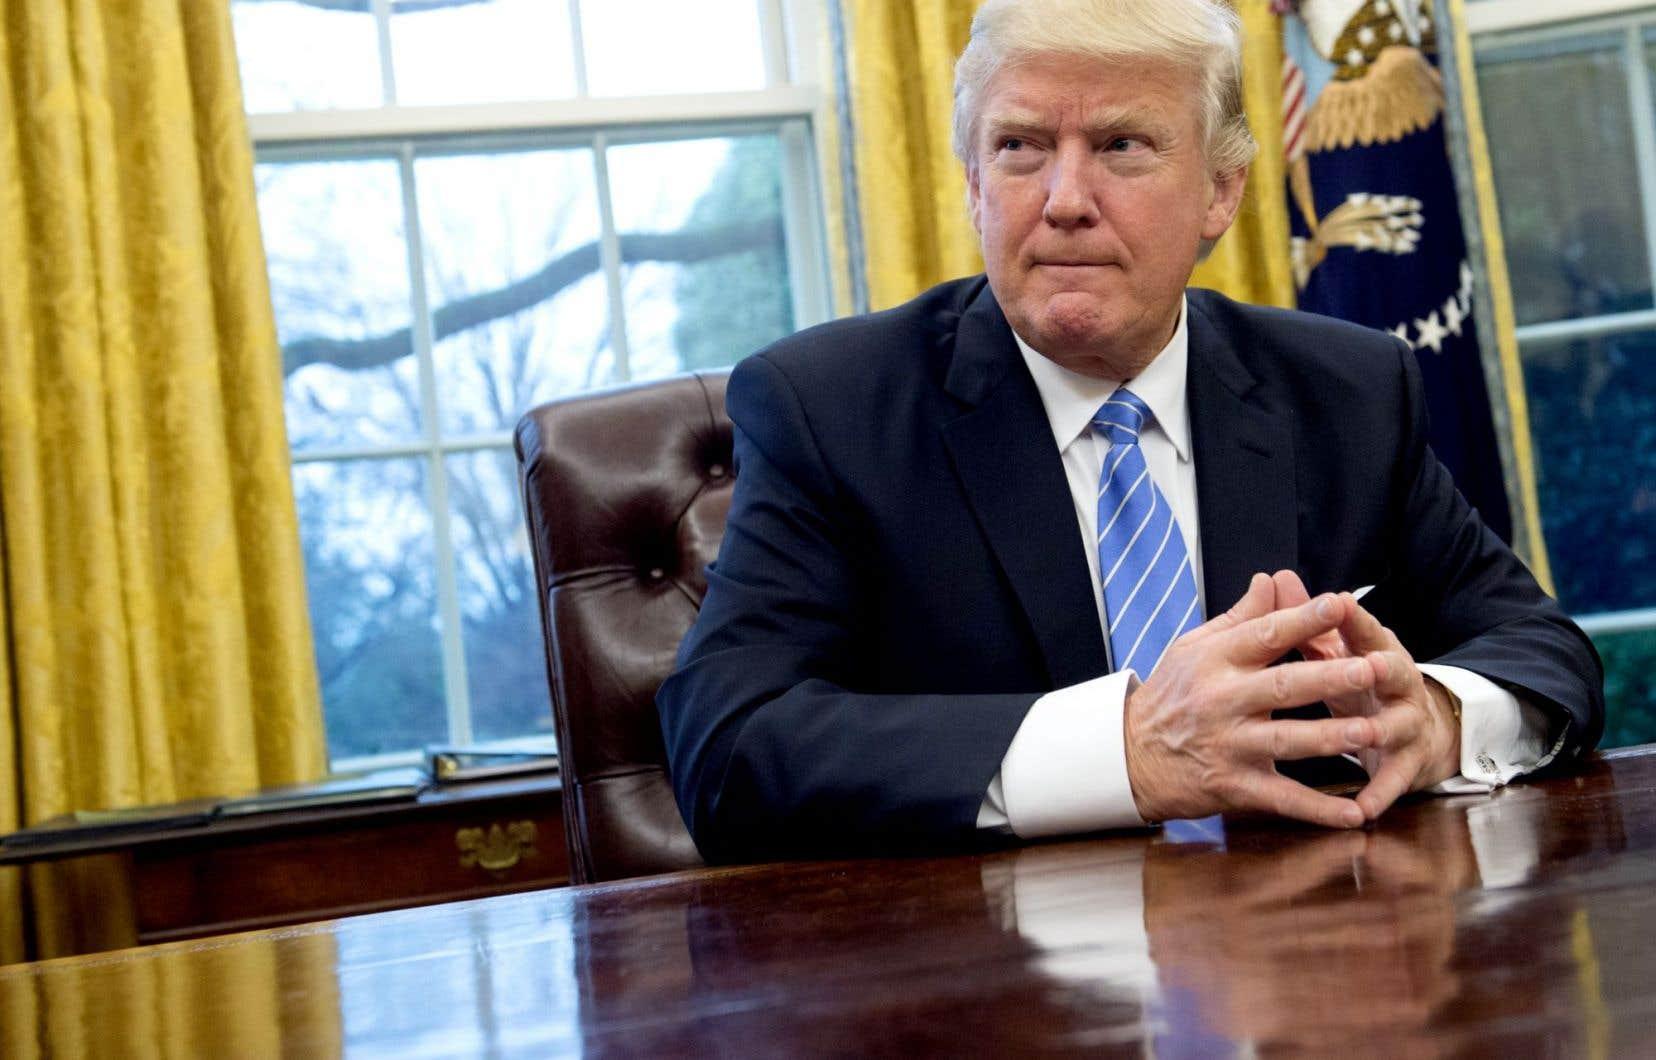 Le nouveau président s'est par ailleurs engagé à nommer à la Cour suprême un juge farouchement opposé à l'avortement.